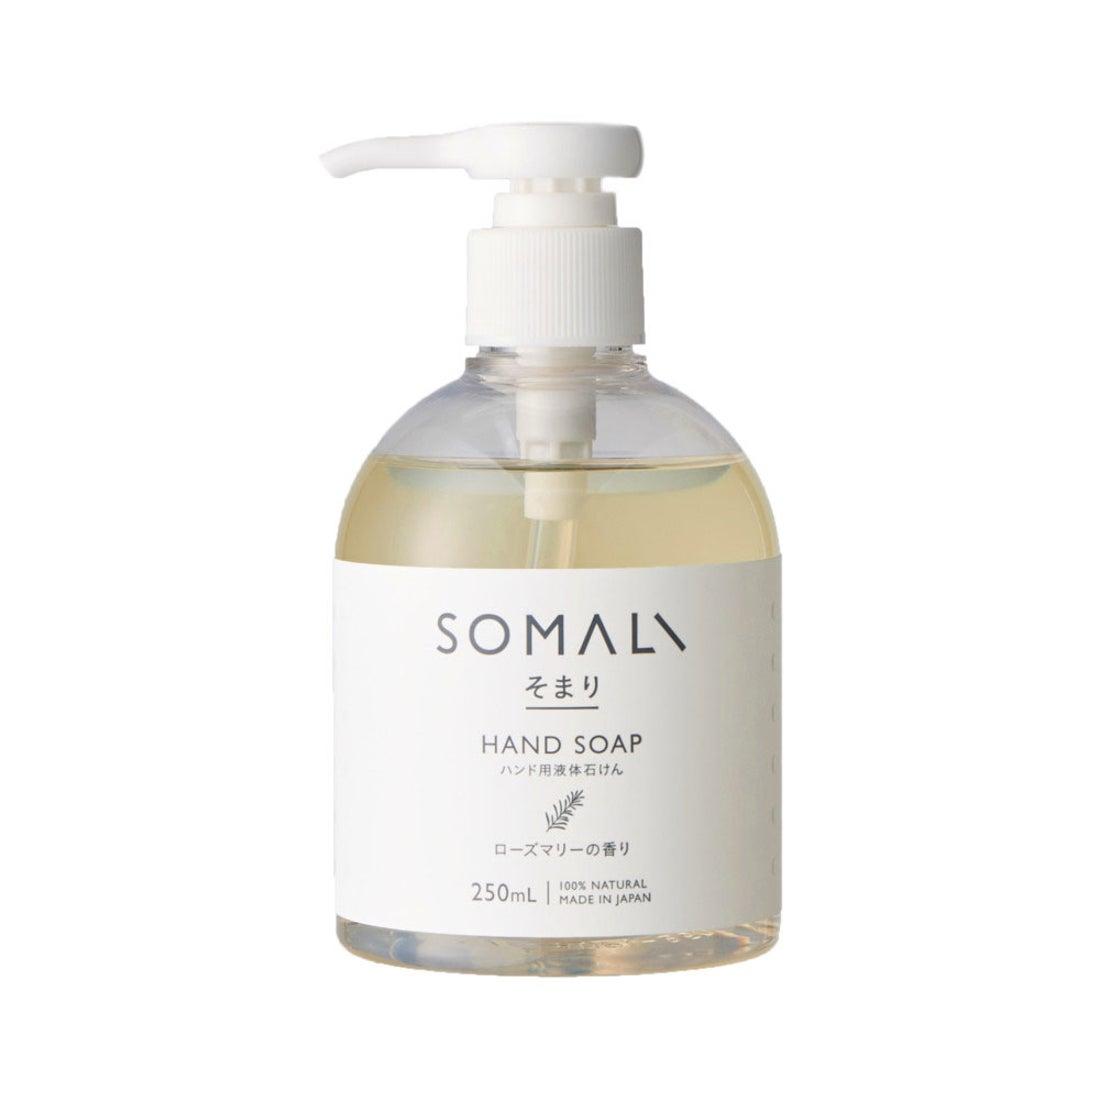 ノーブランド No Brand SOMALI ハンド用液体石けん 250ml ローズマリーの香り (ローズマリーの香り)